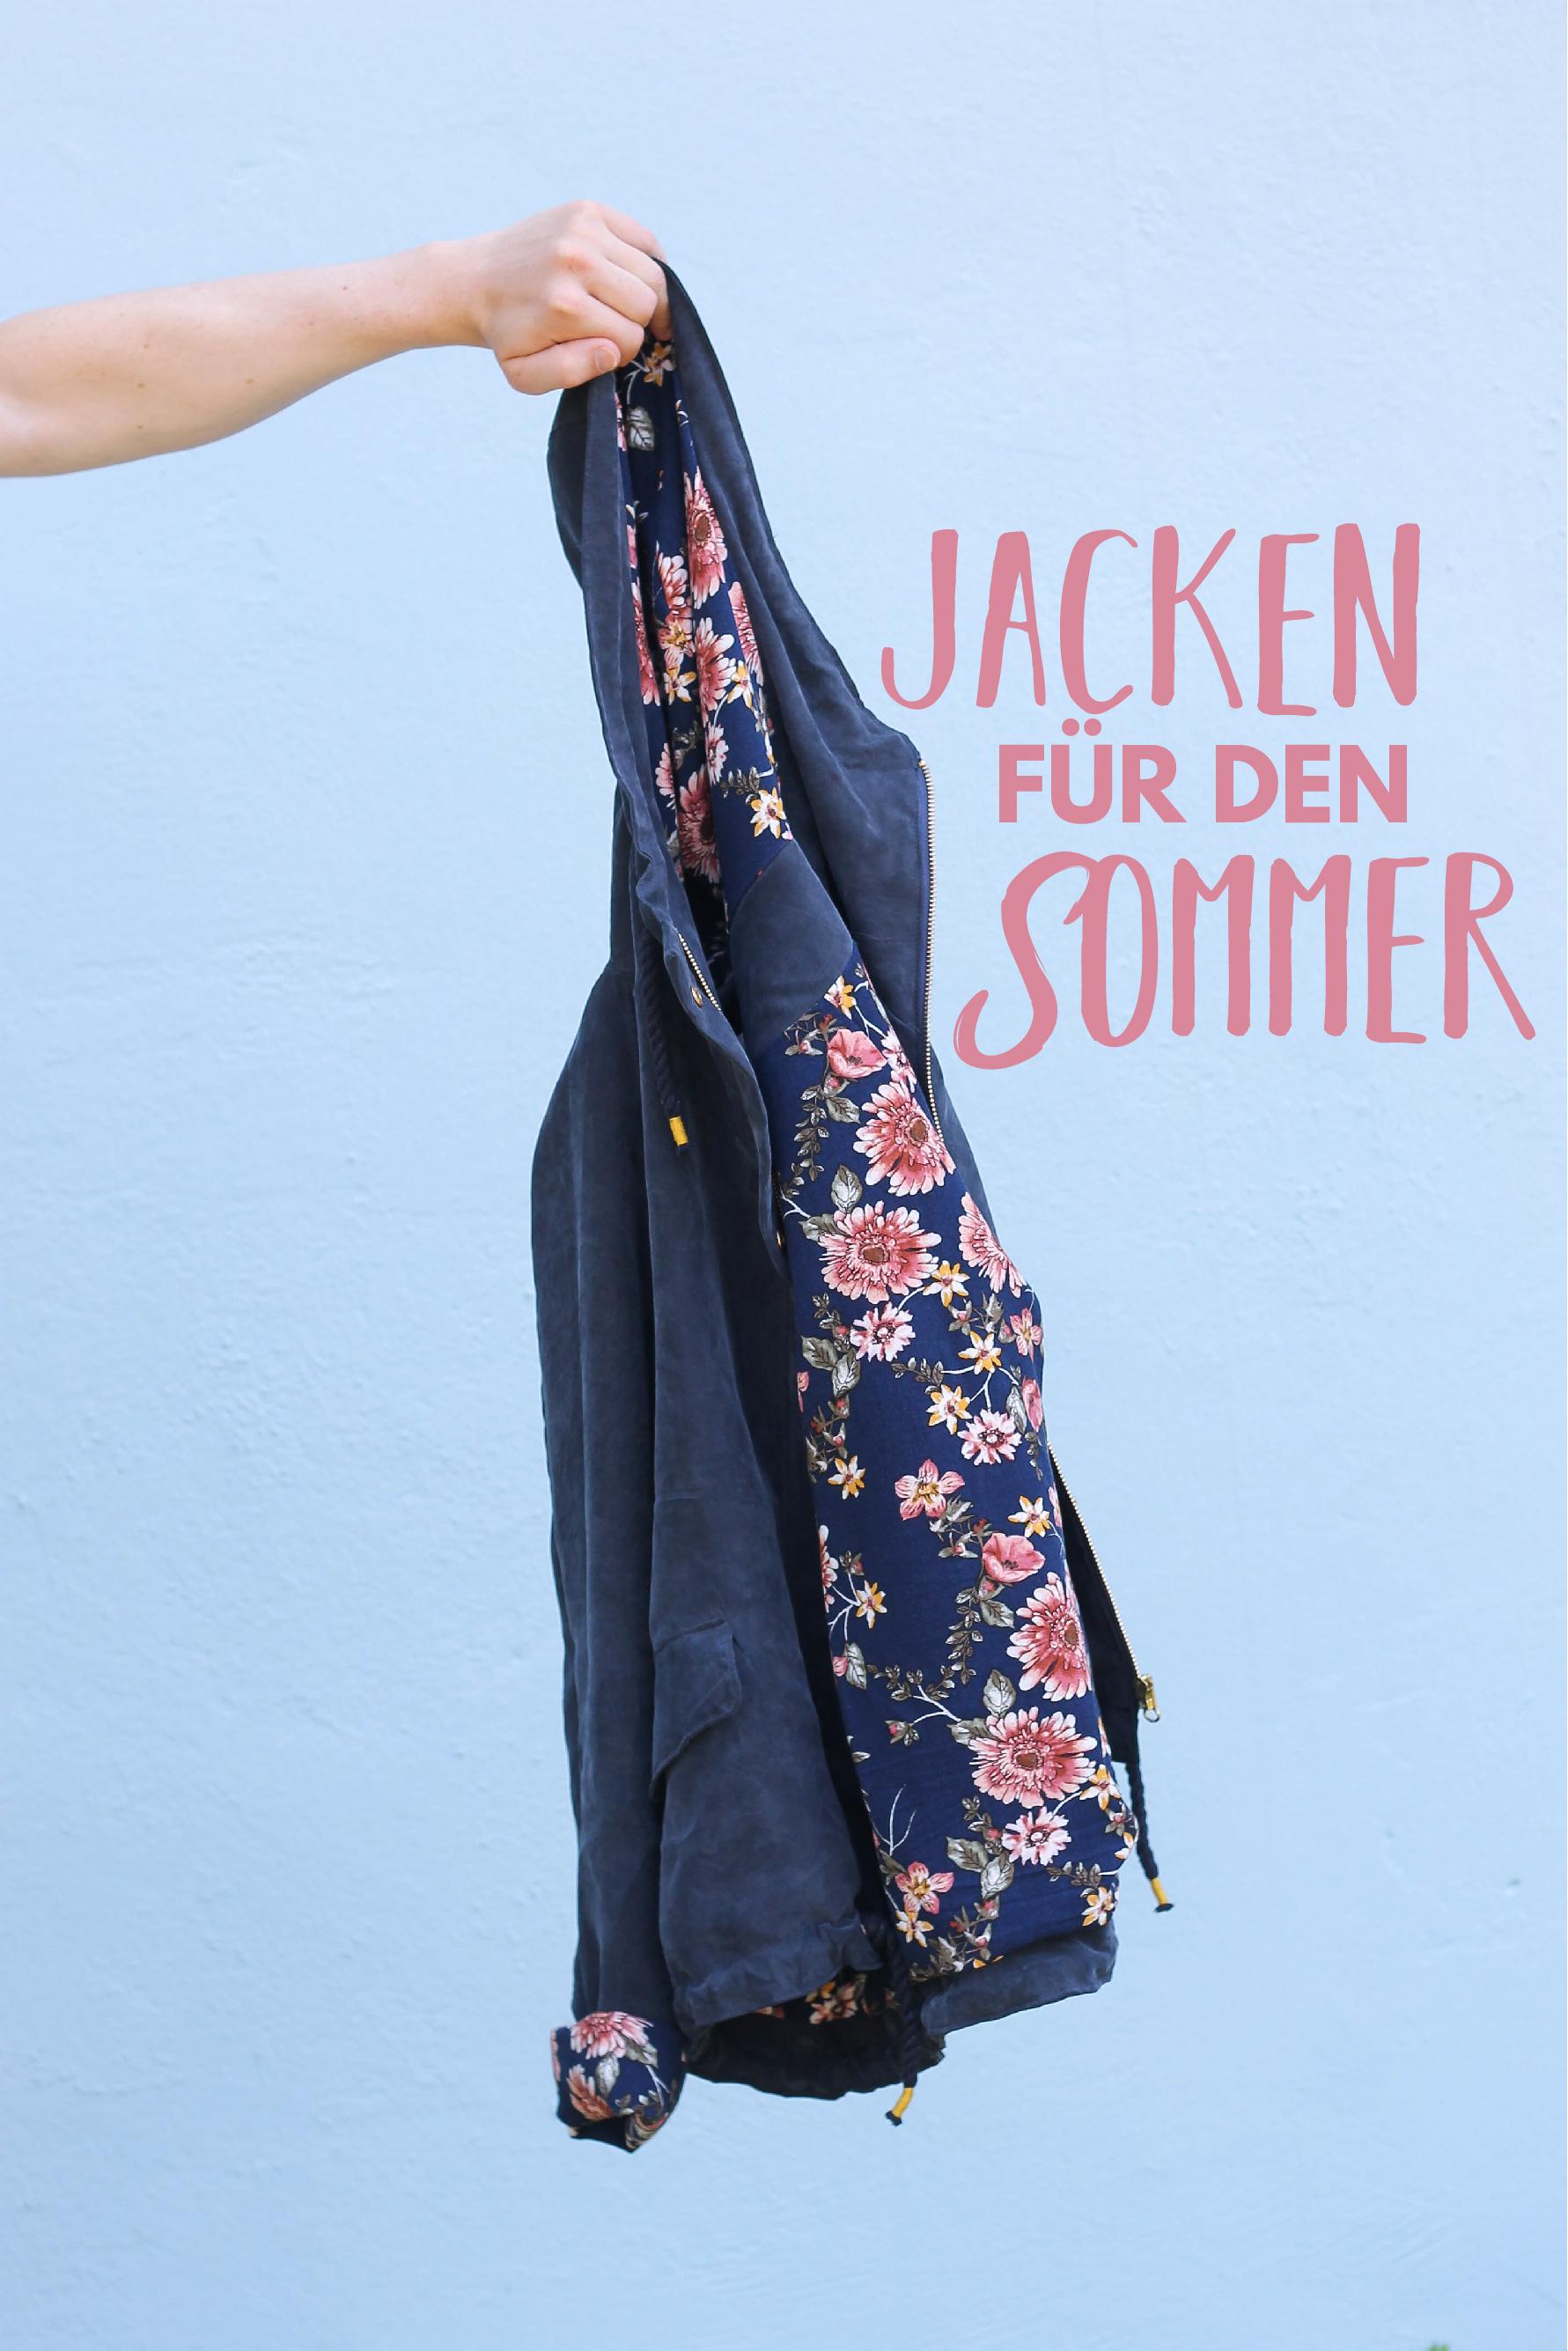 Jacken für den Sommer